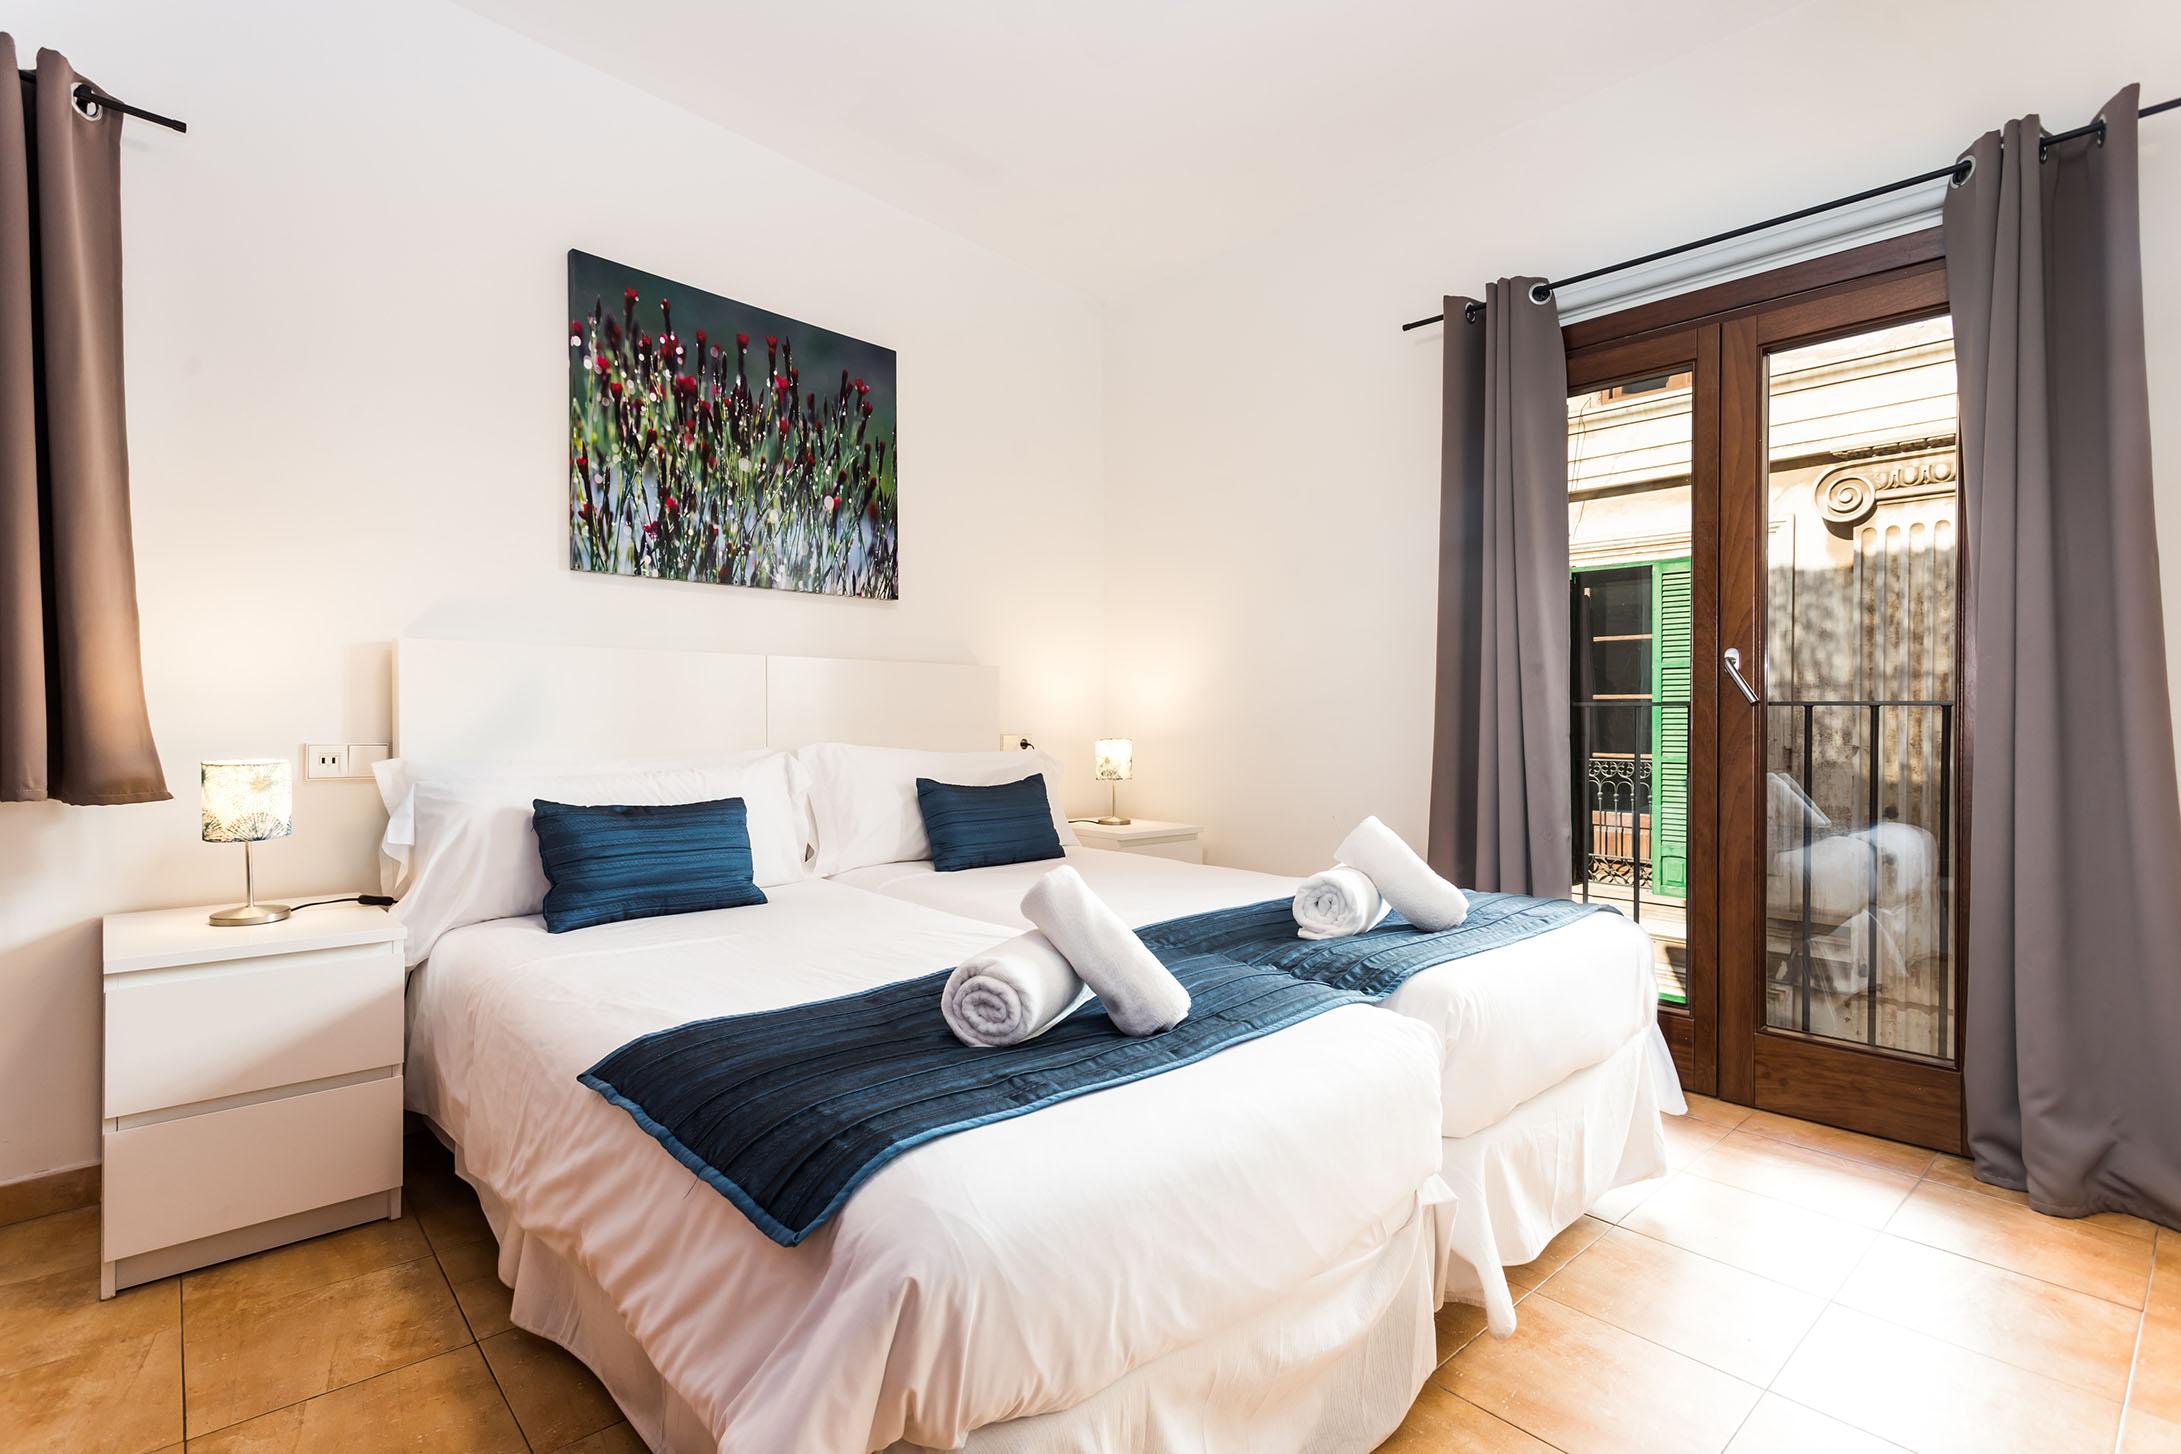 Mallorca-Suites-Apartamento-Terraza-Palma-de-Mallorca-Habitación-3